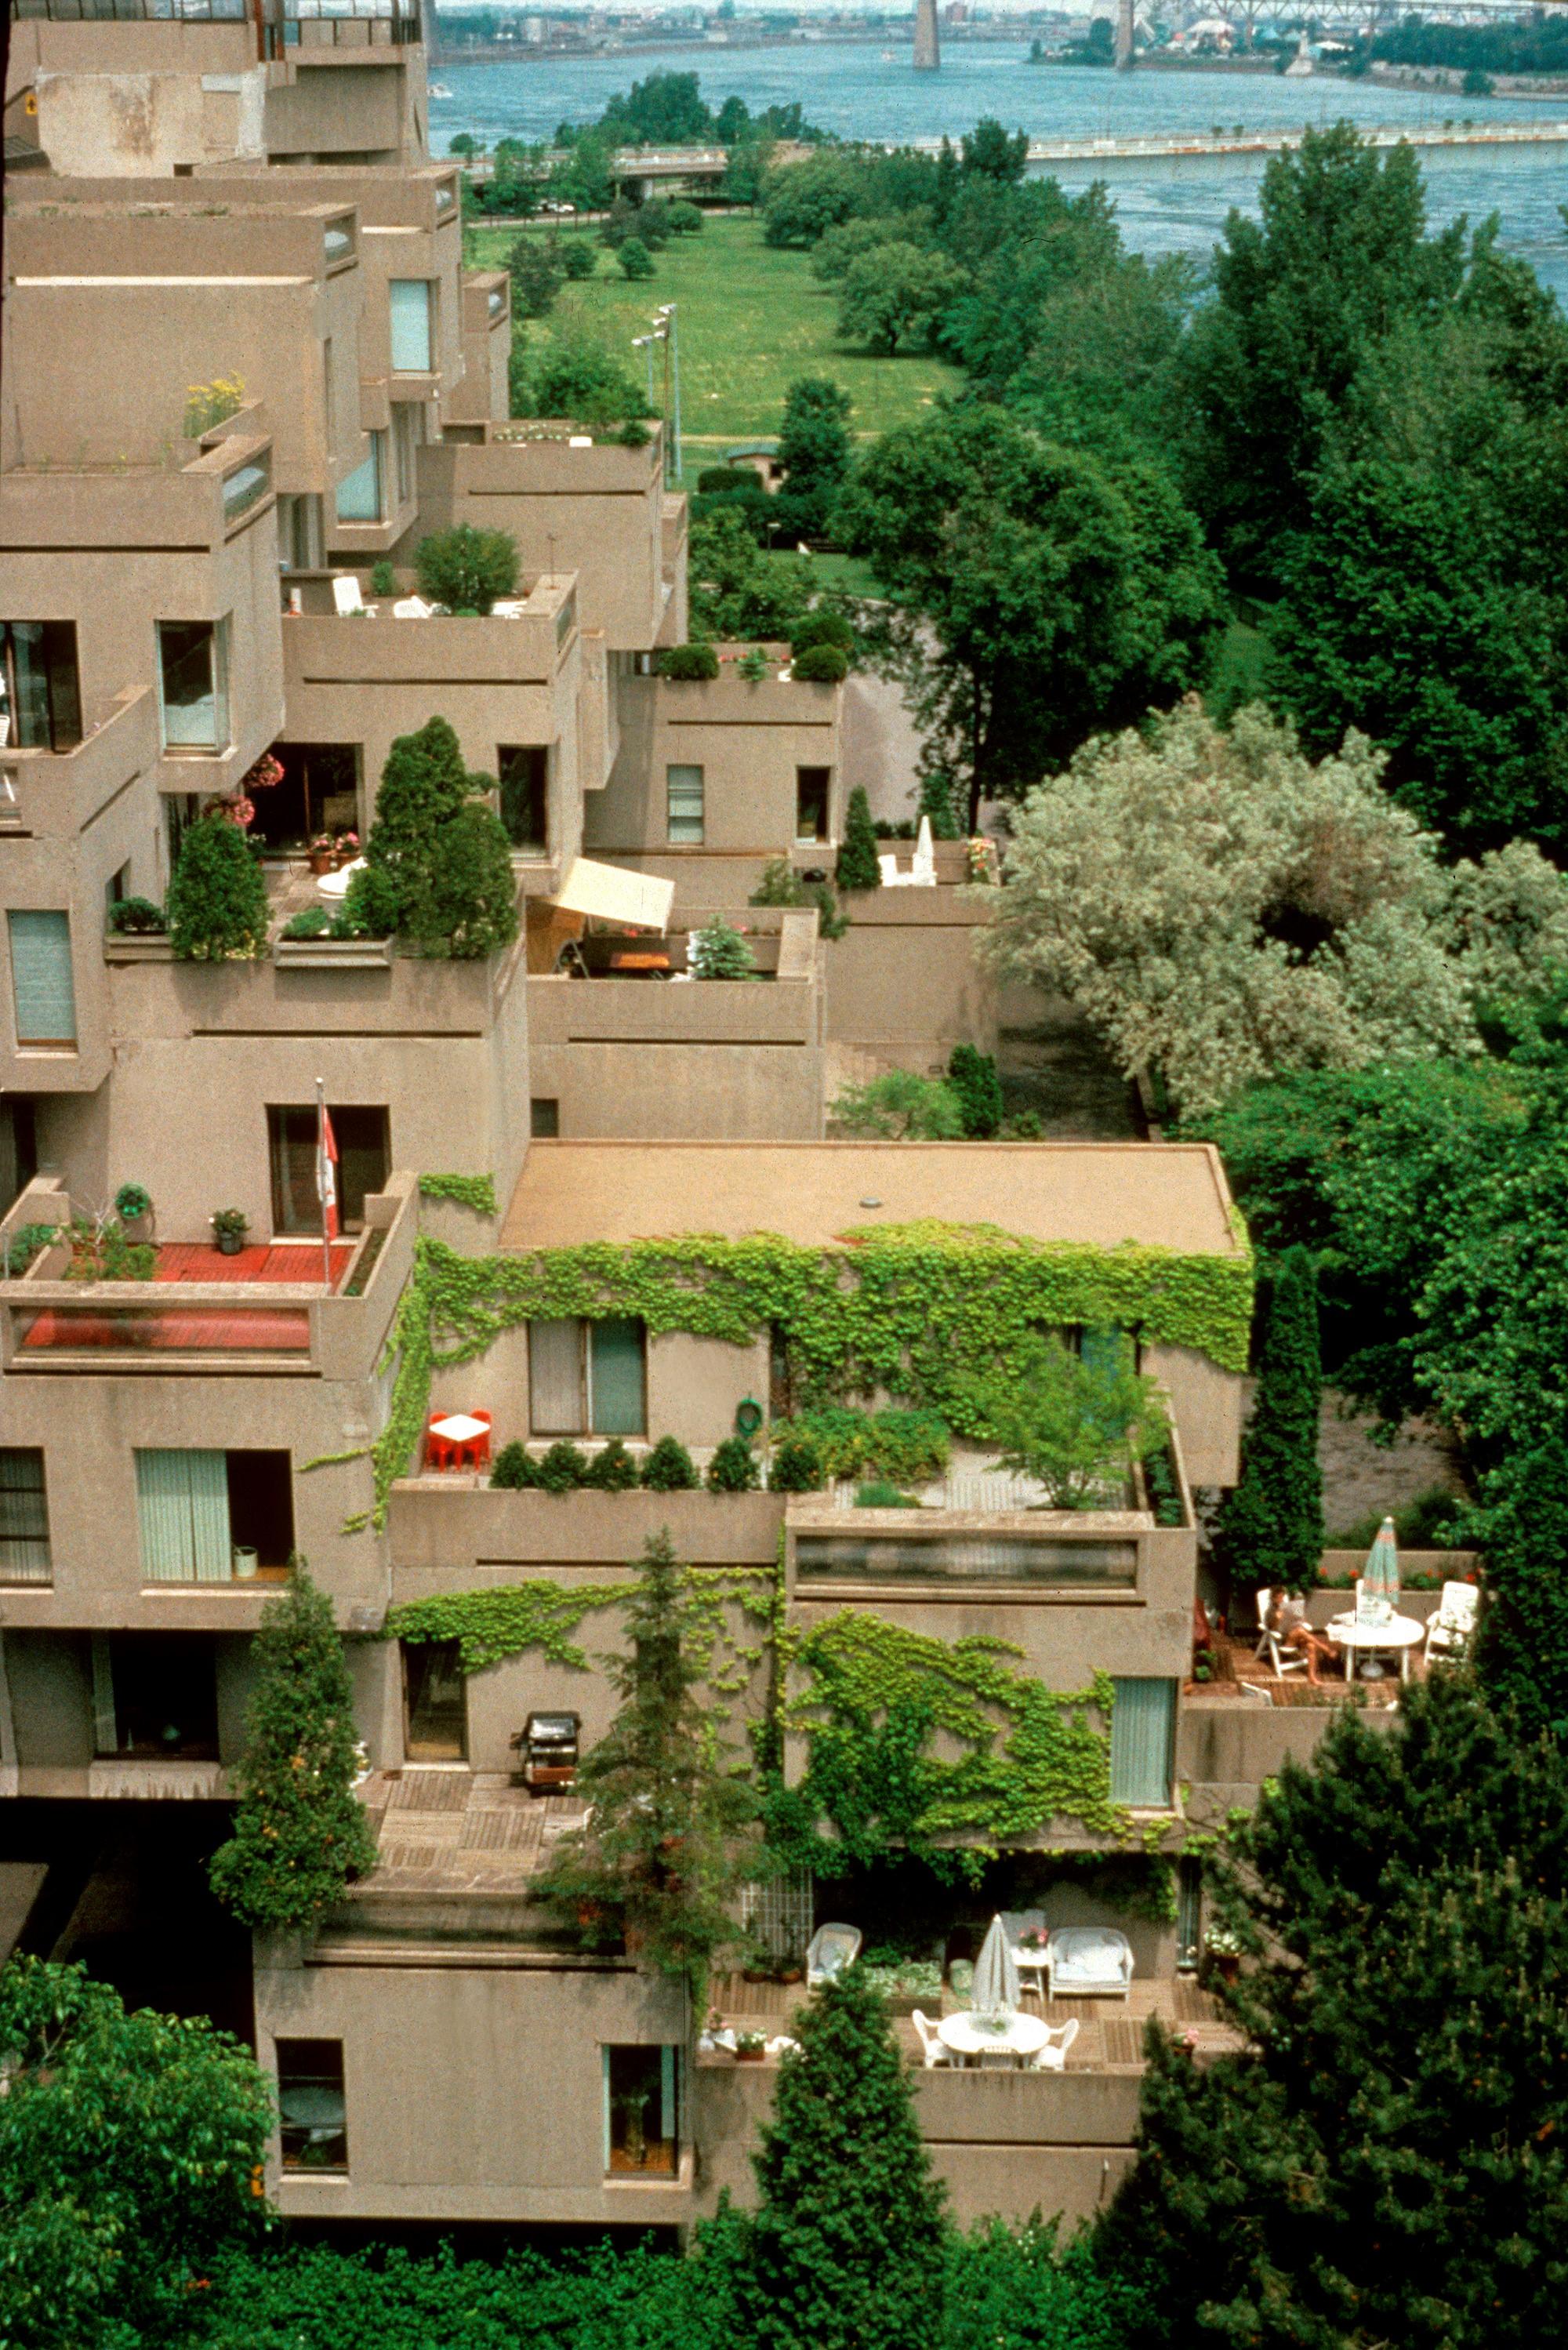 居之自然|摩西·萨夫迪的新住宅理想